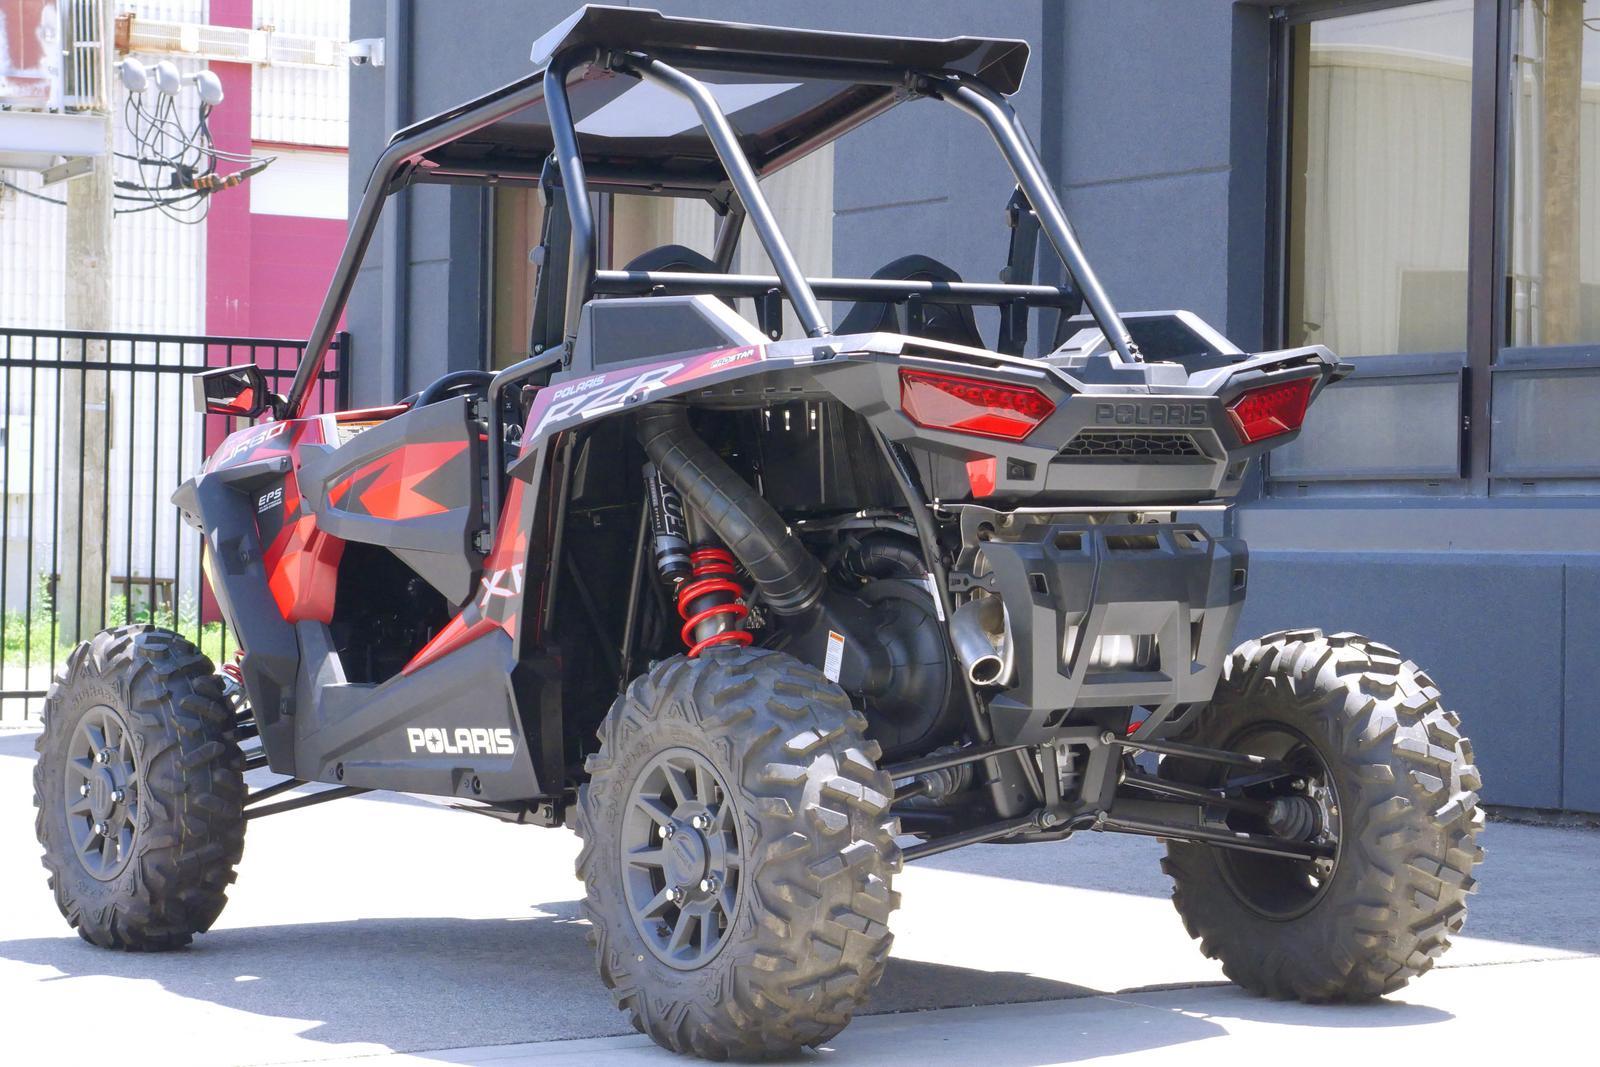 2018 Polaris Industries RZR XP Turbo 1000 Fox Ed (64